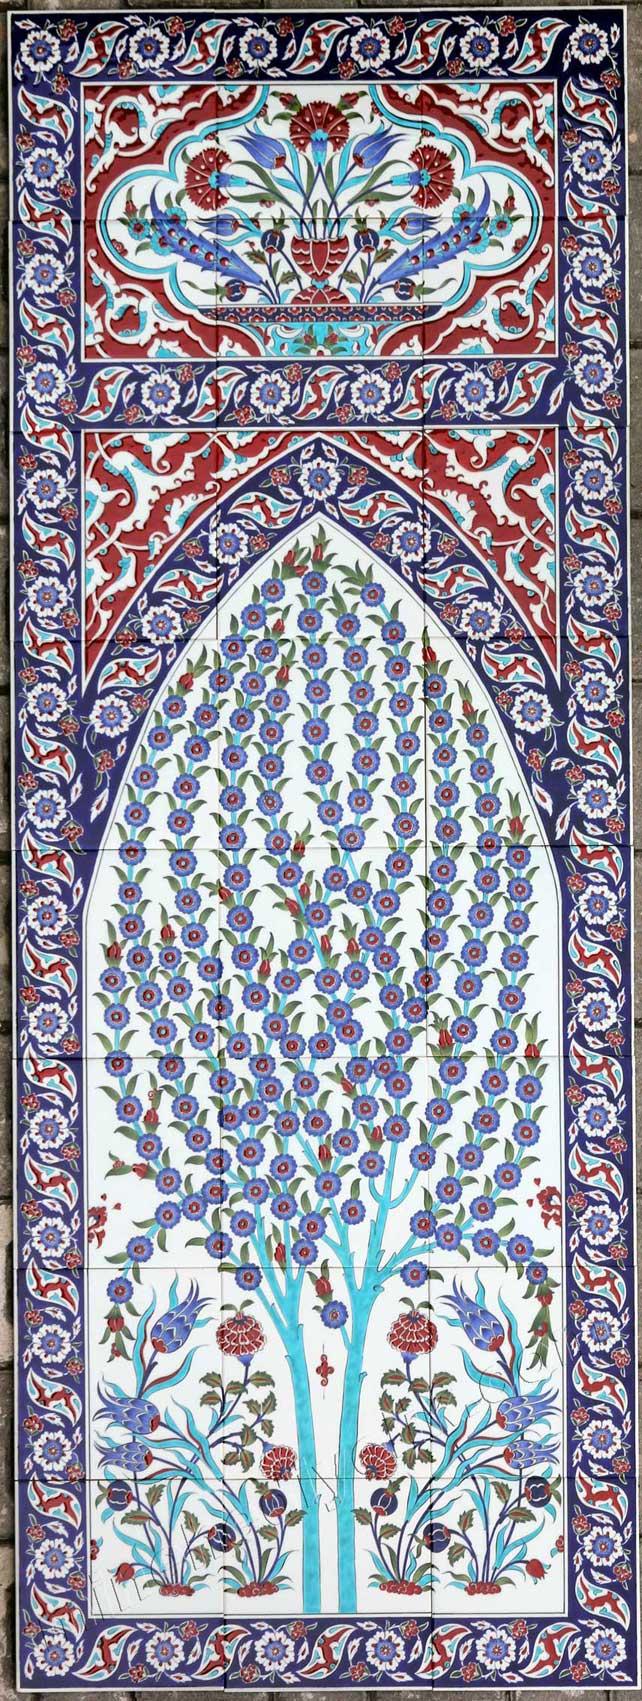 Hayat ağacı motifli çini pano otel türk hamamı sauna ve spa duvar dekorasyonu için Seramik tablo örnekleri AVM cafe ve restoranlar için dekoratif değer katan tasarımlar